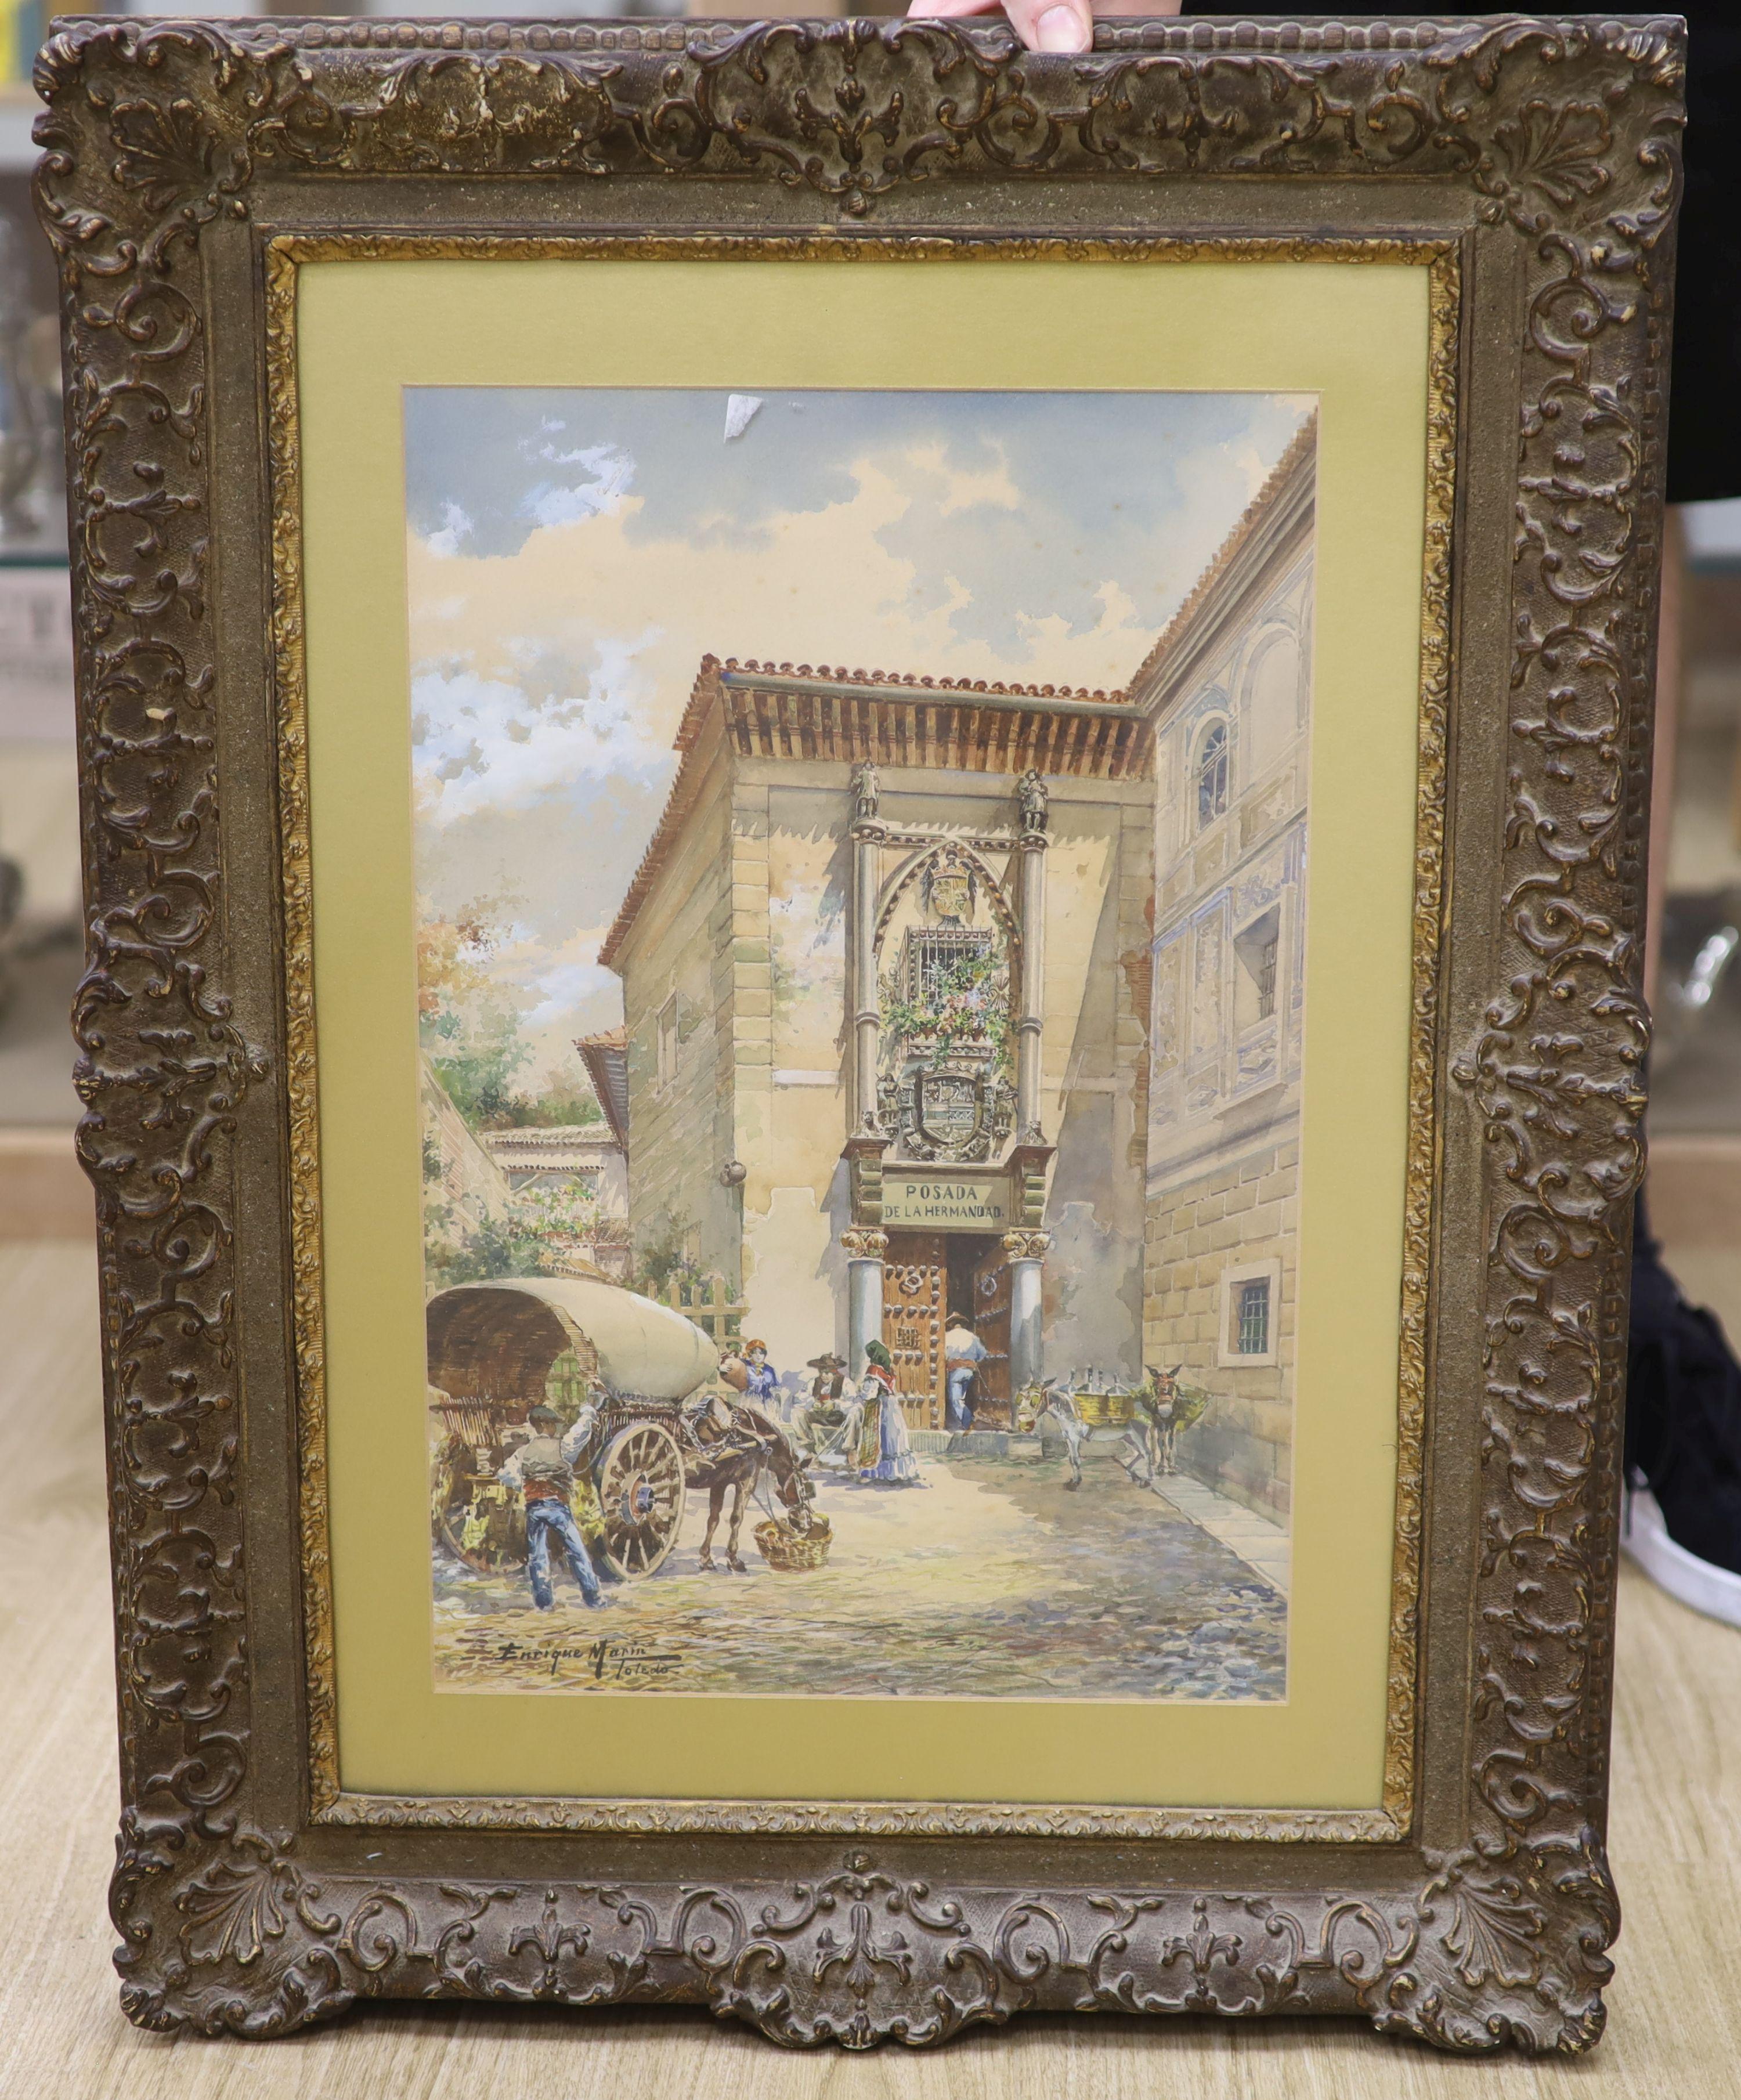 Enrique Marin (1876-1940), watercolour, Posada de la Hermandad, Toledo, Spain, signed, 46 x 30cm - Image 4 of 4